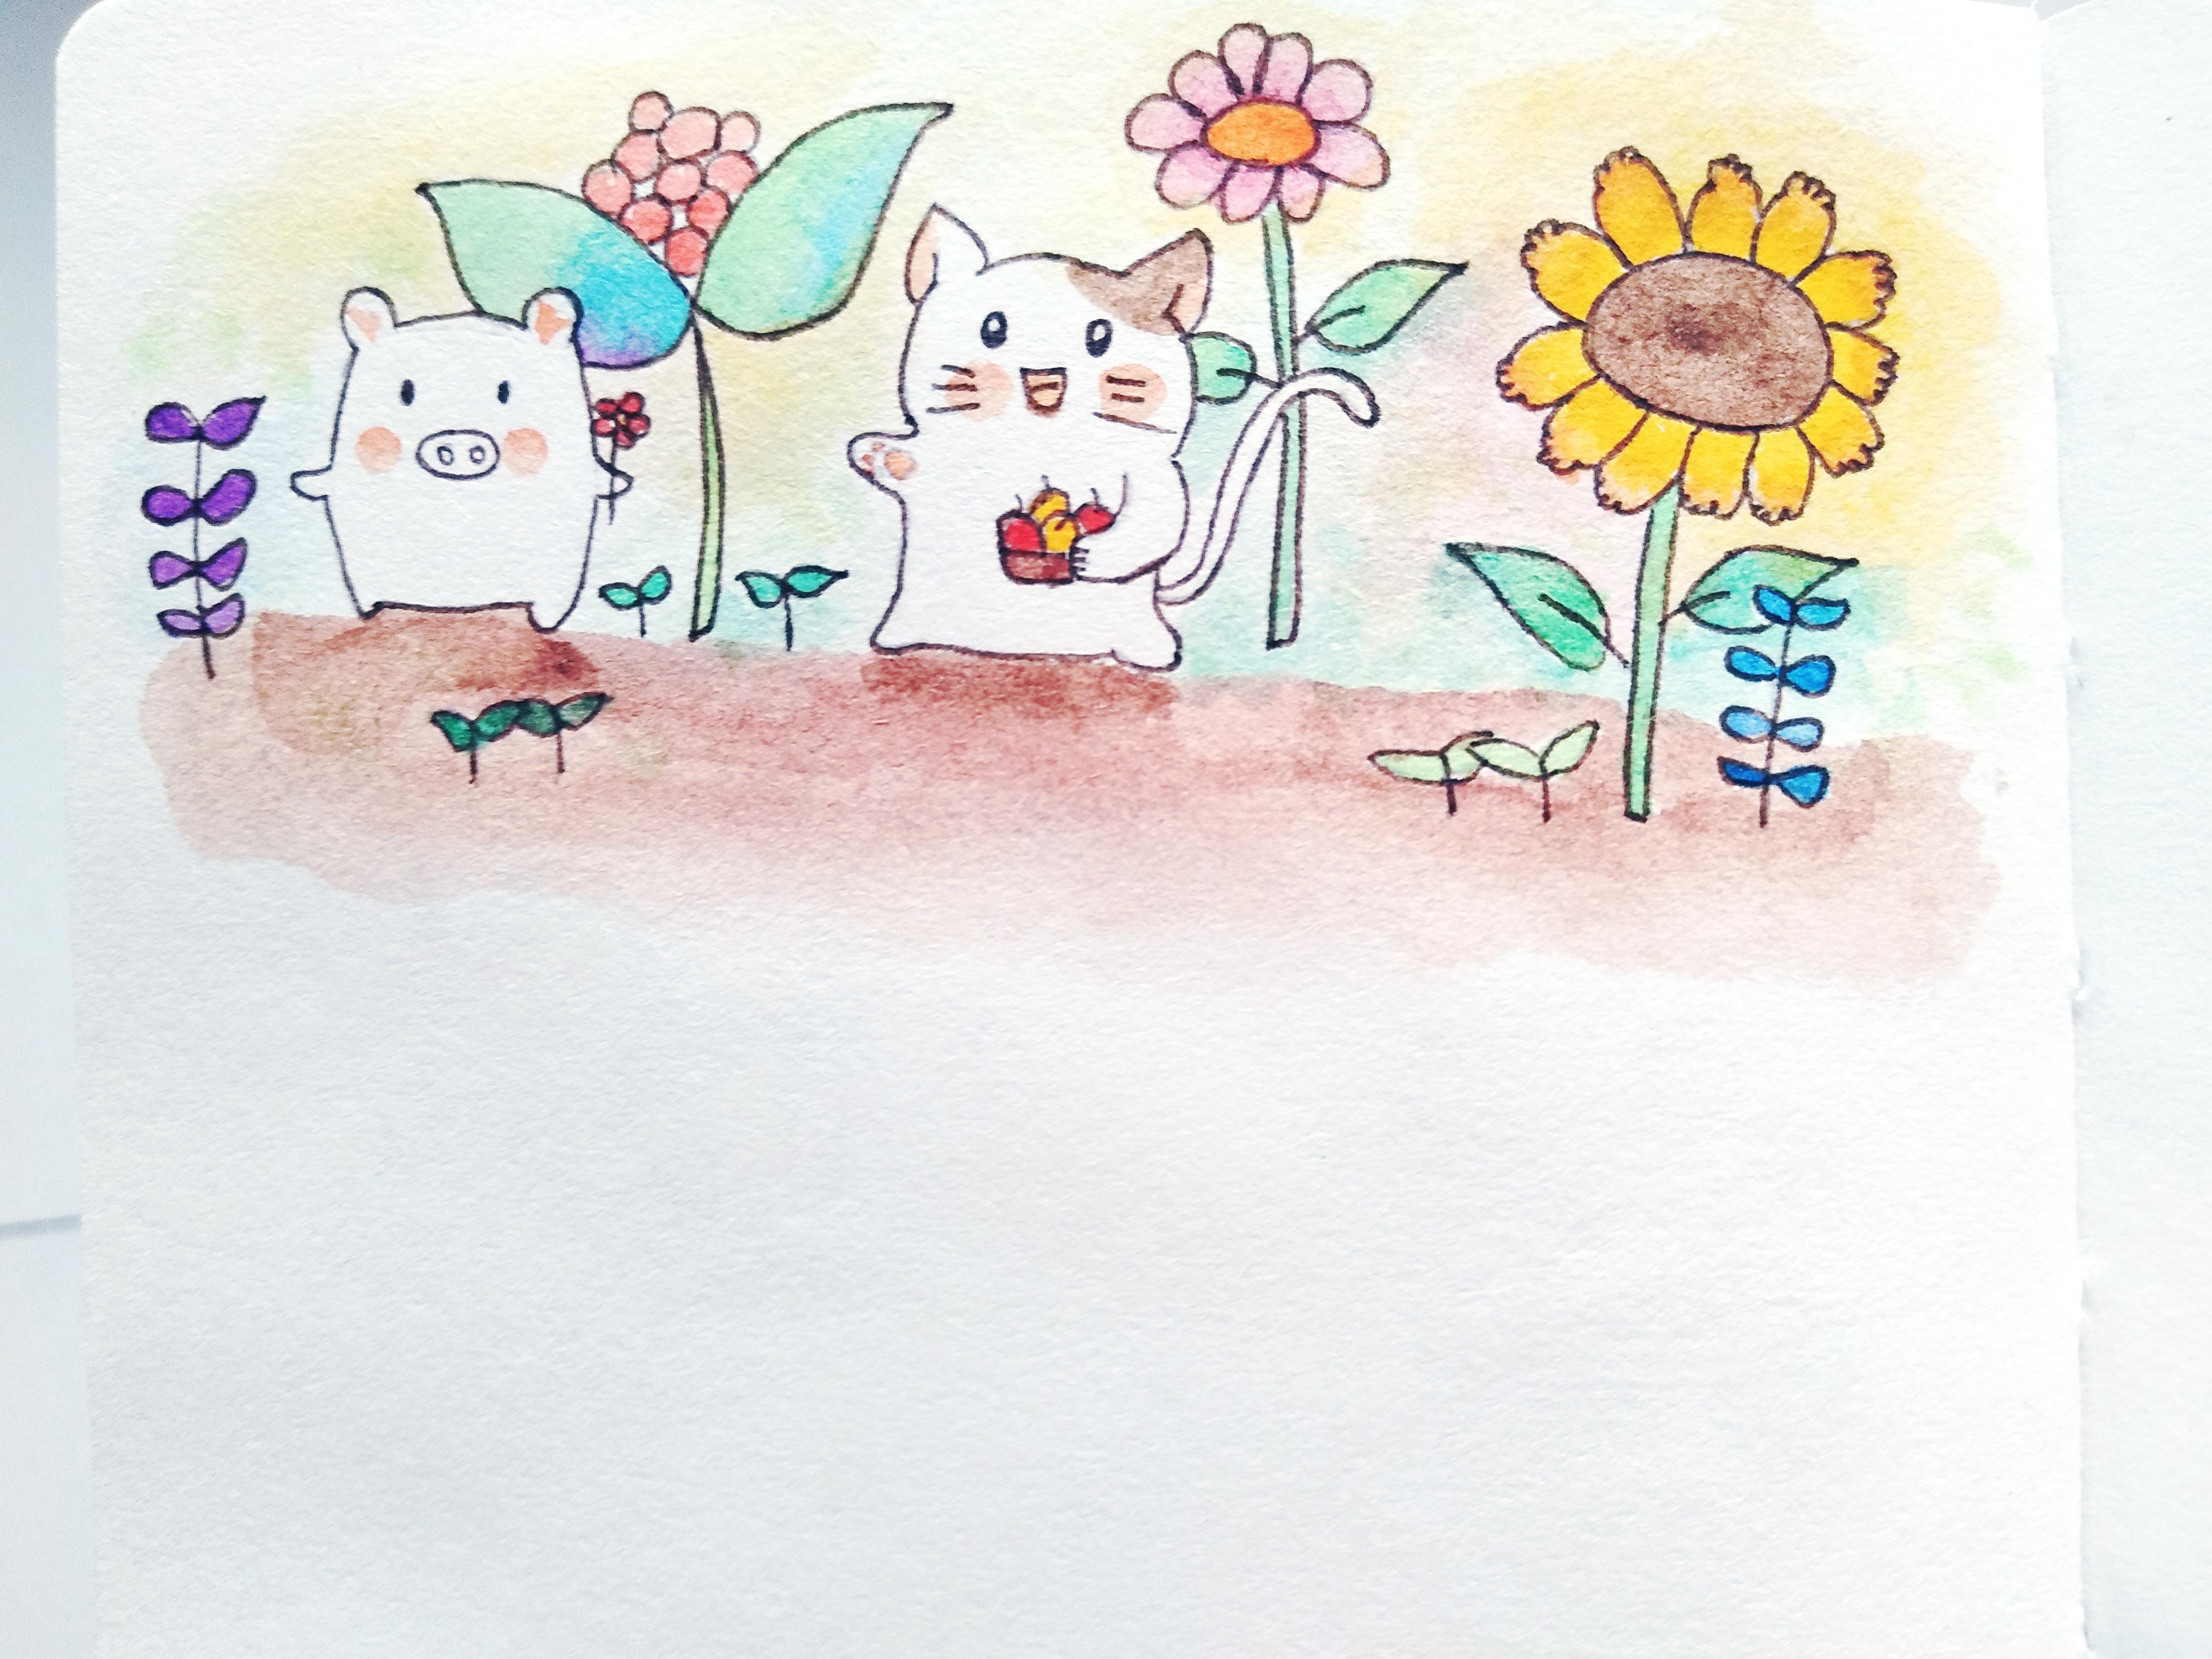 绘画社团海报素材背景